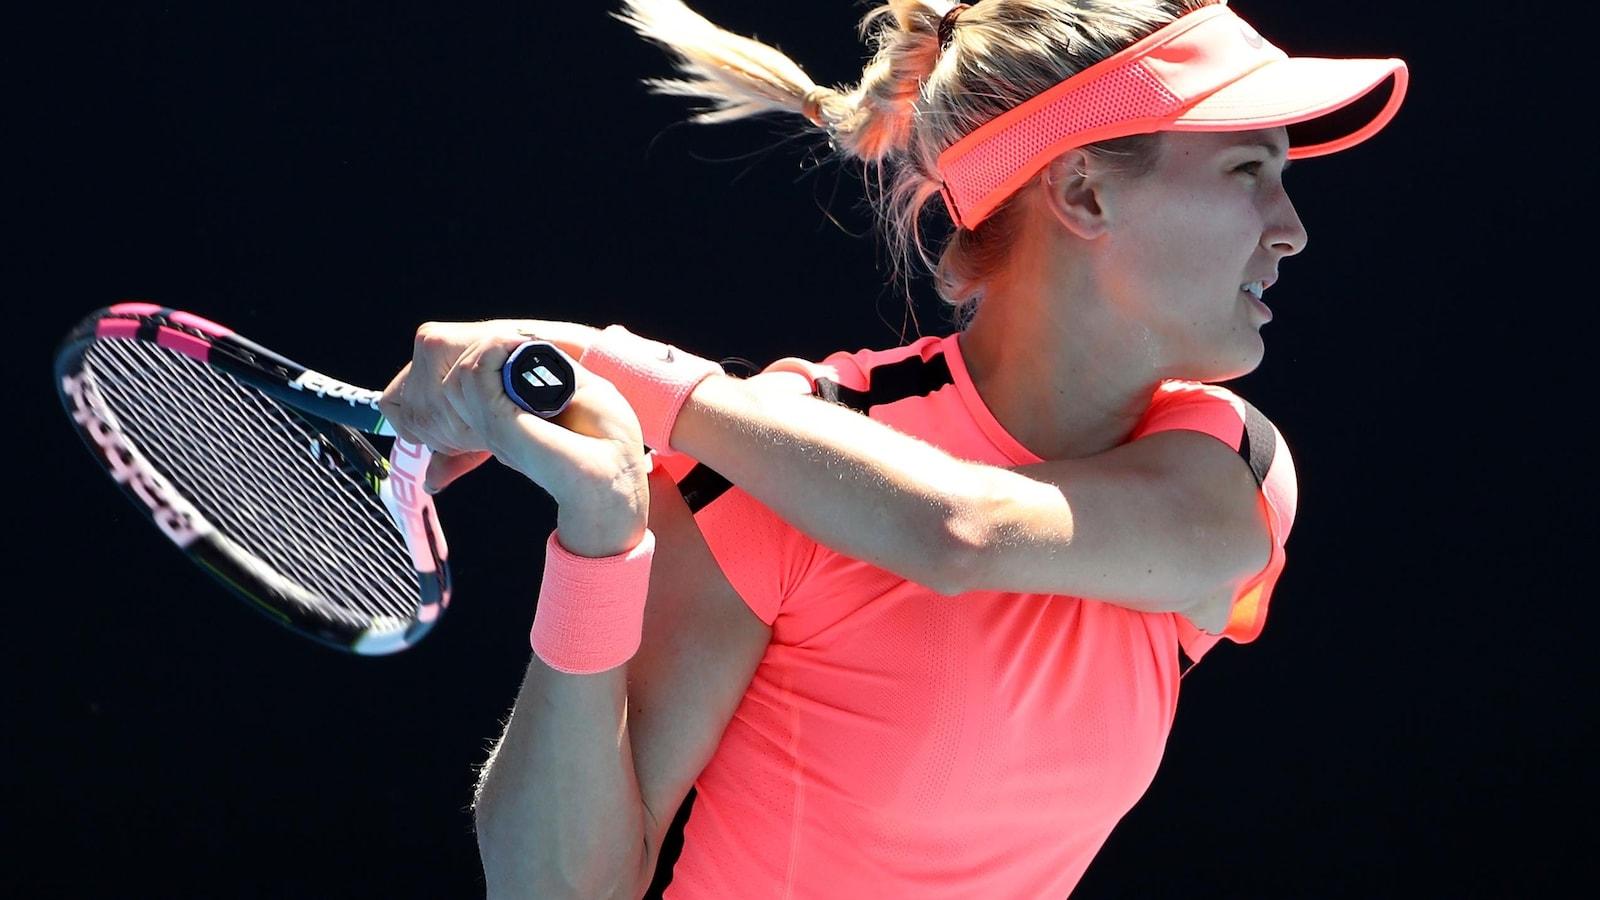 Vêtue entièrement de rose, Eugenie Bouchard tient sa raquette à deux mains.